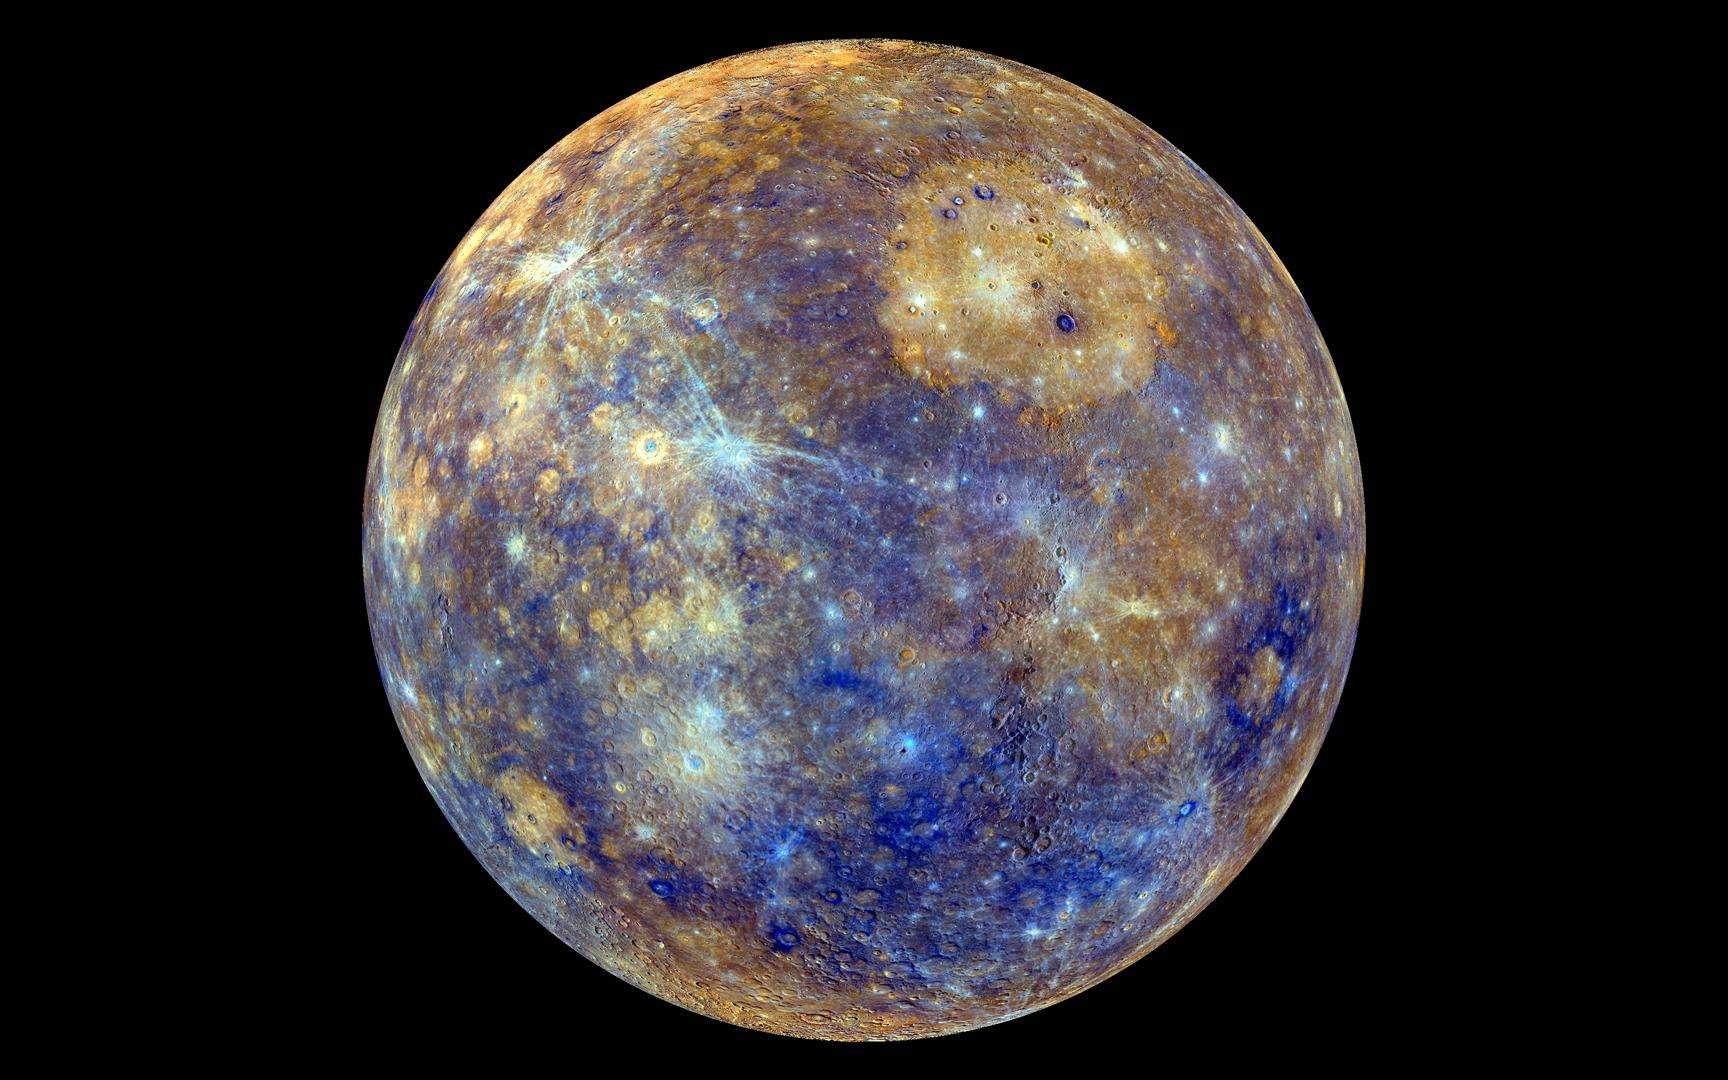 Une image de la surface de Mercure artificiellement colorée et formée d'une mosaïque de photos prises par Messenger. © Nasa